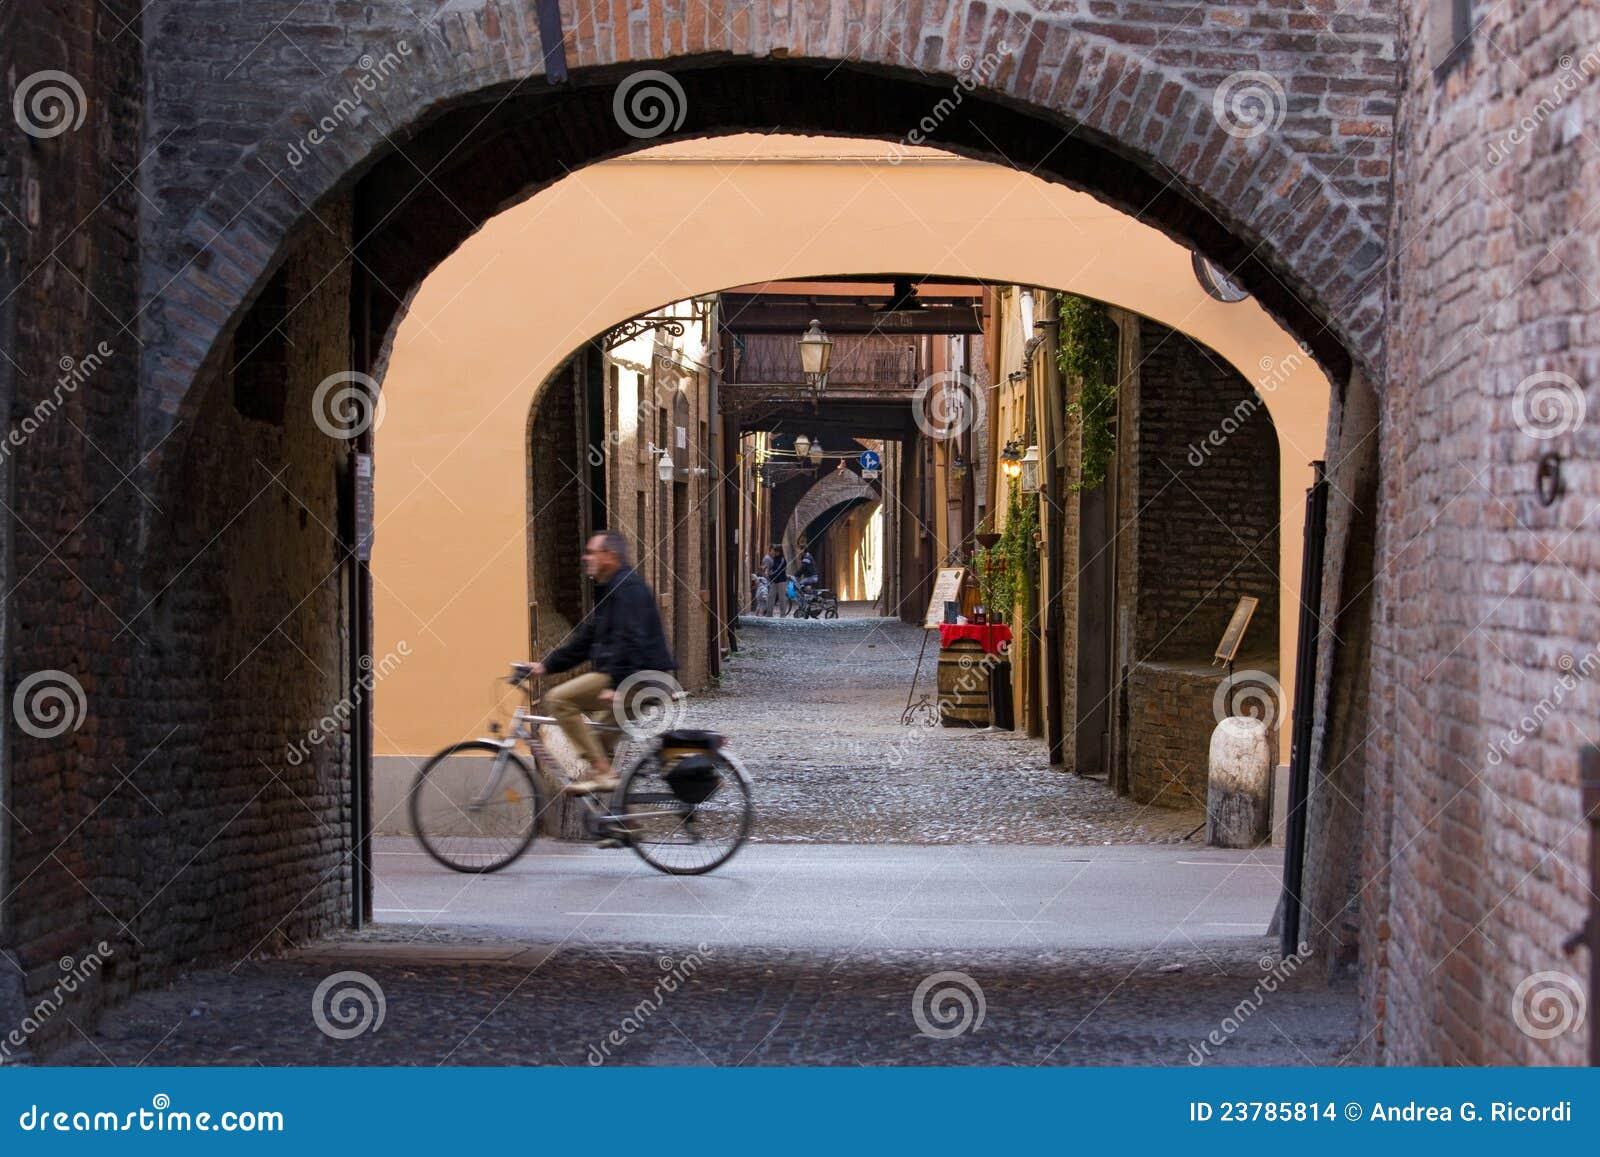 Ferrara, via delle Volte